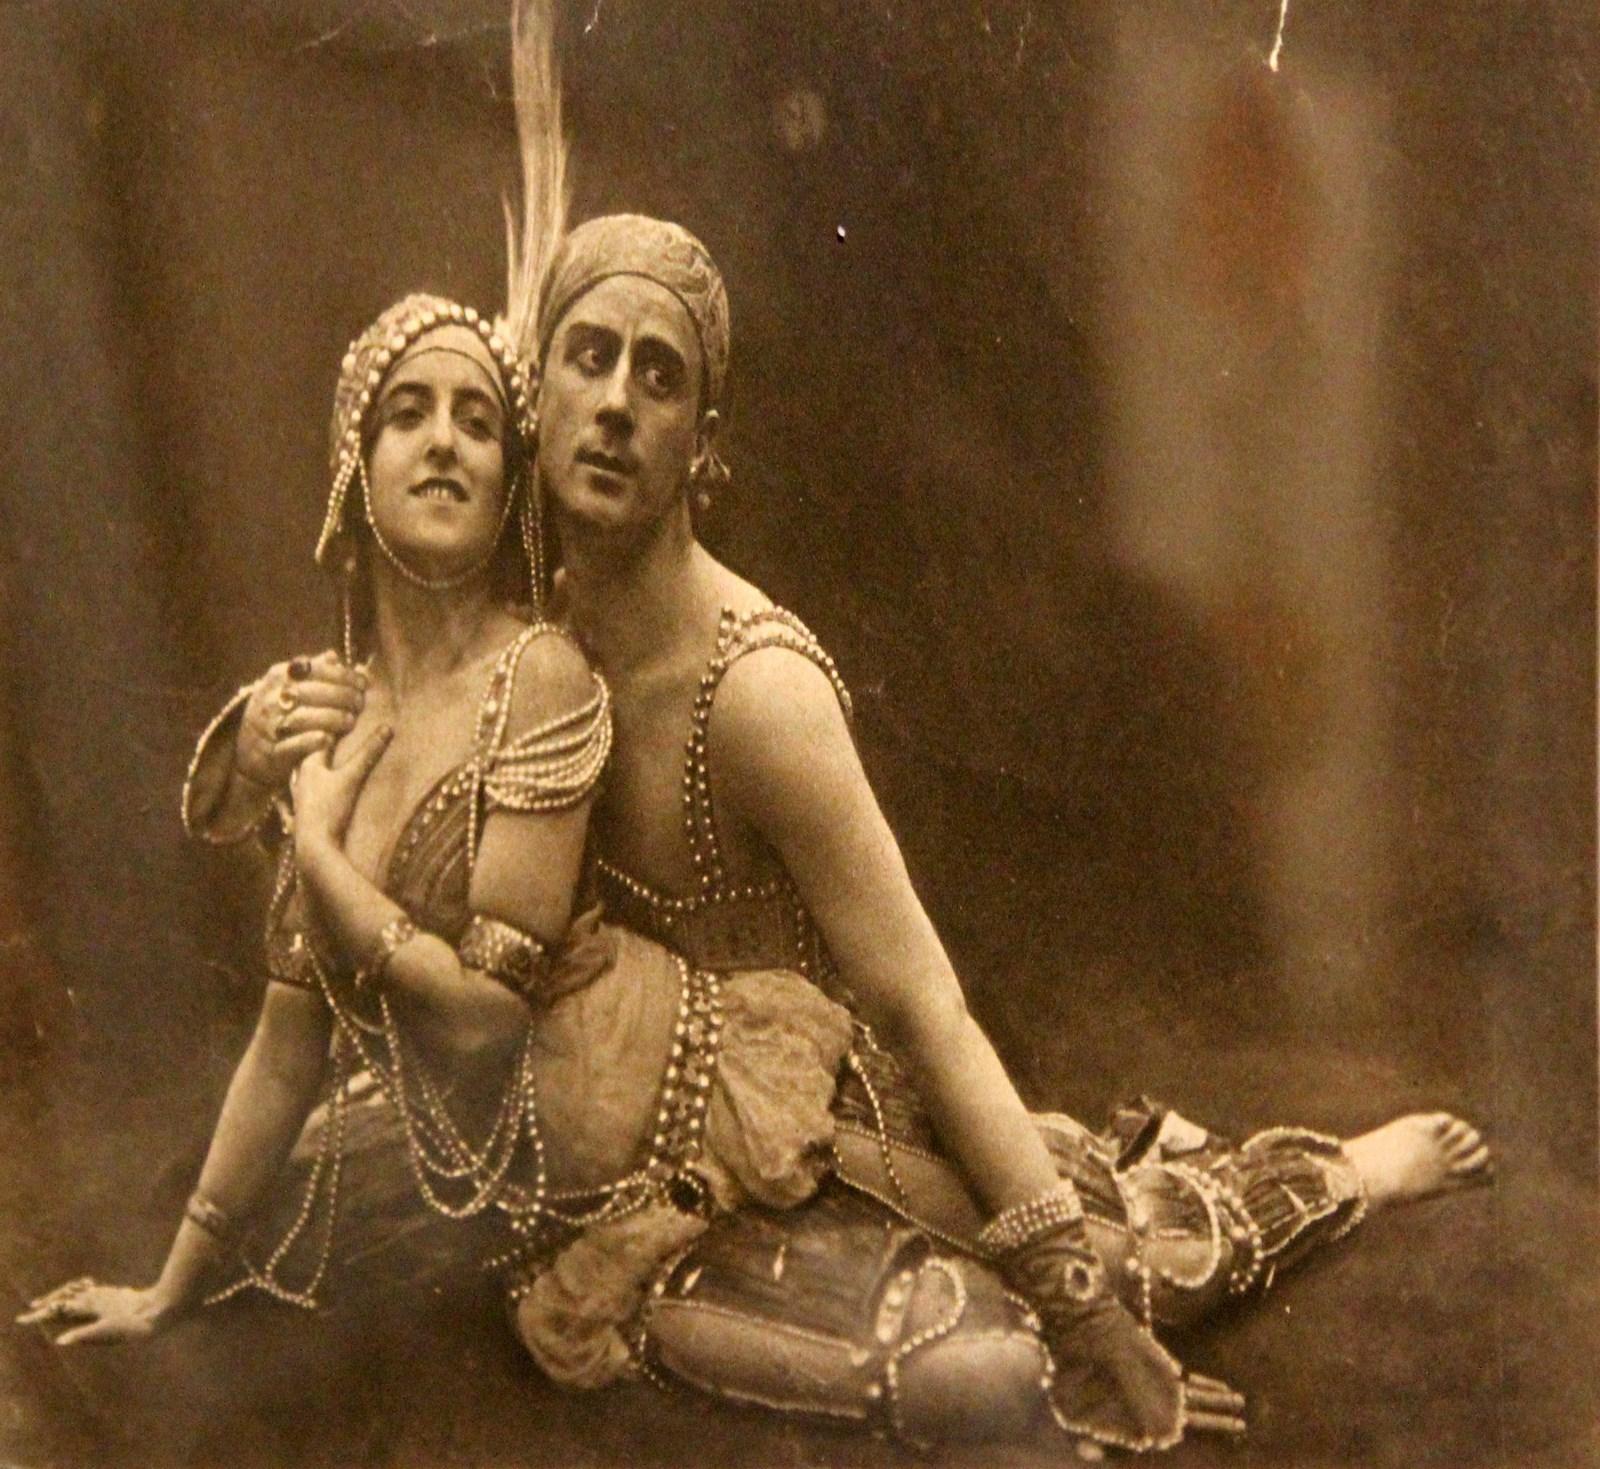 �.�. ������ � ������� � �.�. ����� - ������� ��� � ������ �����������. 1913-1917 ���� �� �������, ������������ ������ �������� �������: aldusku.livejournal.com